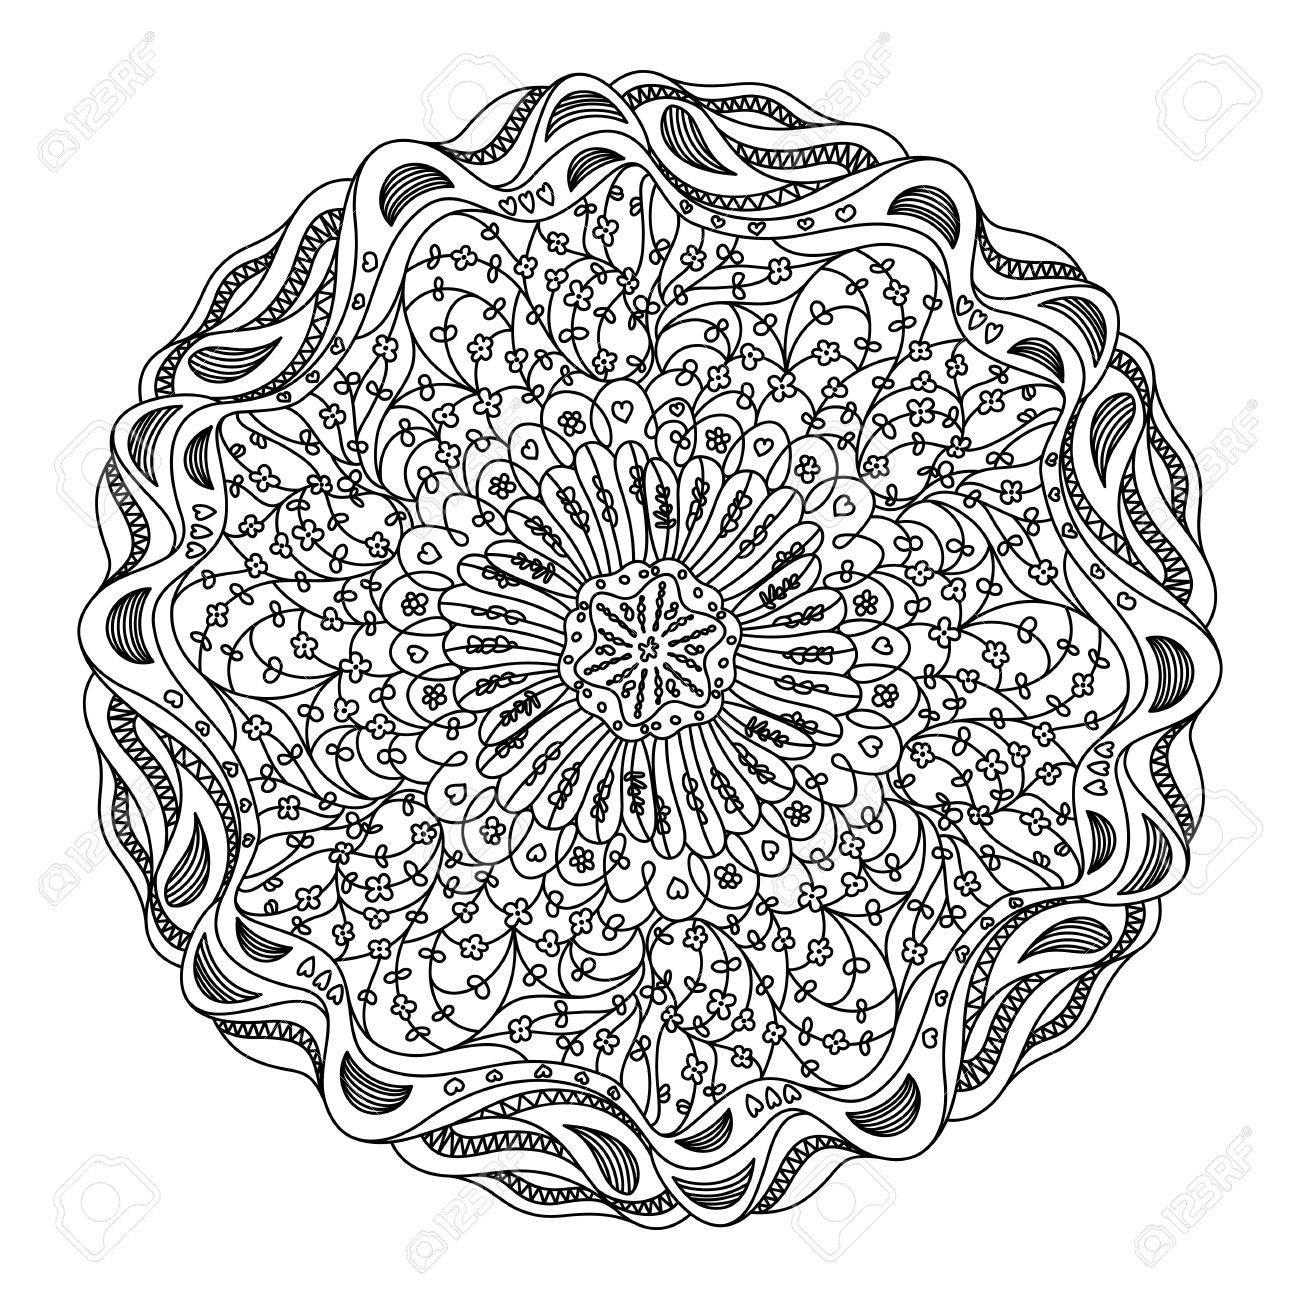 Monochrome black and white lace ornament Stock Vector - 16313249